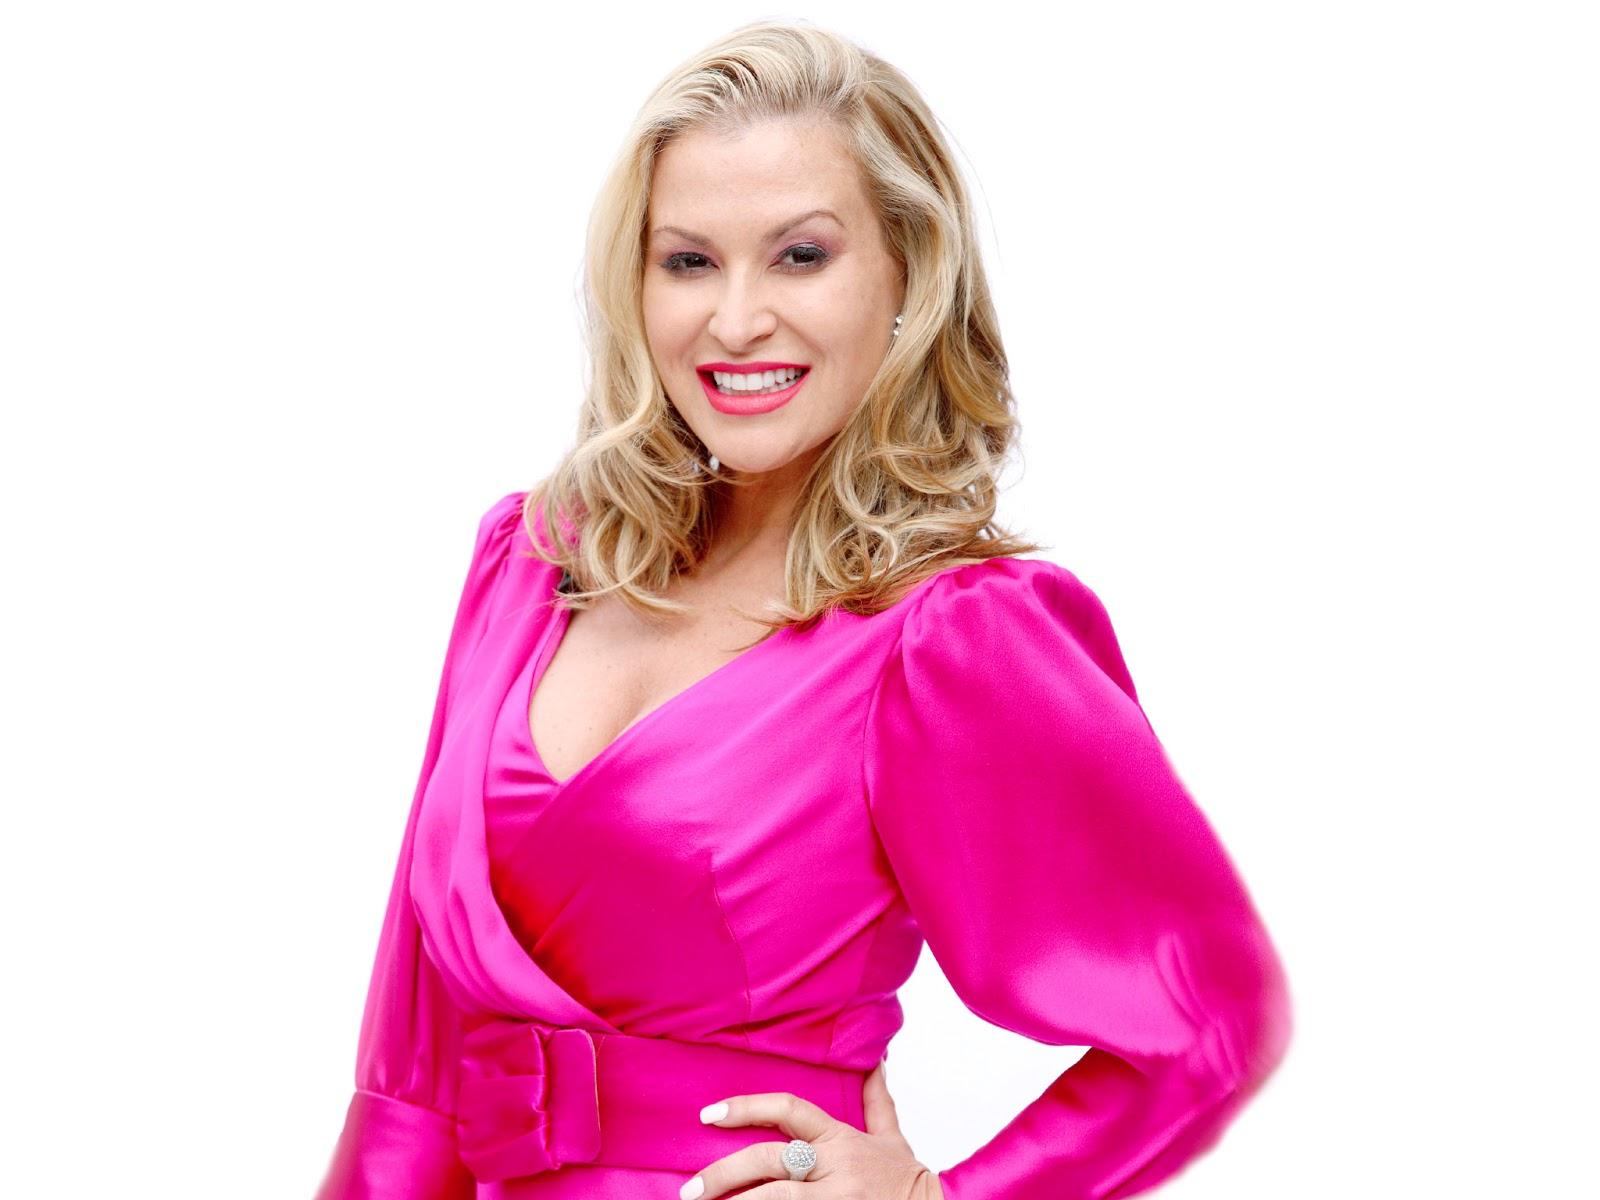 http://2.bp.blogspot.com/-JWD5ieiRWOQ/UUEaq_TH79I/AAAAAAAA264/wxVTHCWyqoI/s1600/anastacia-wallpapers-in-pink.jpg